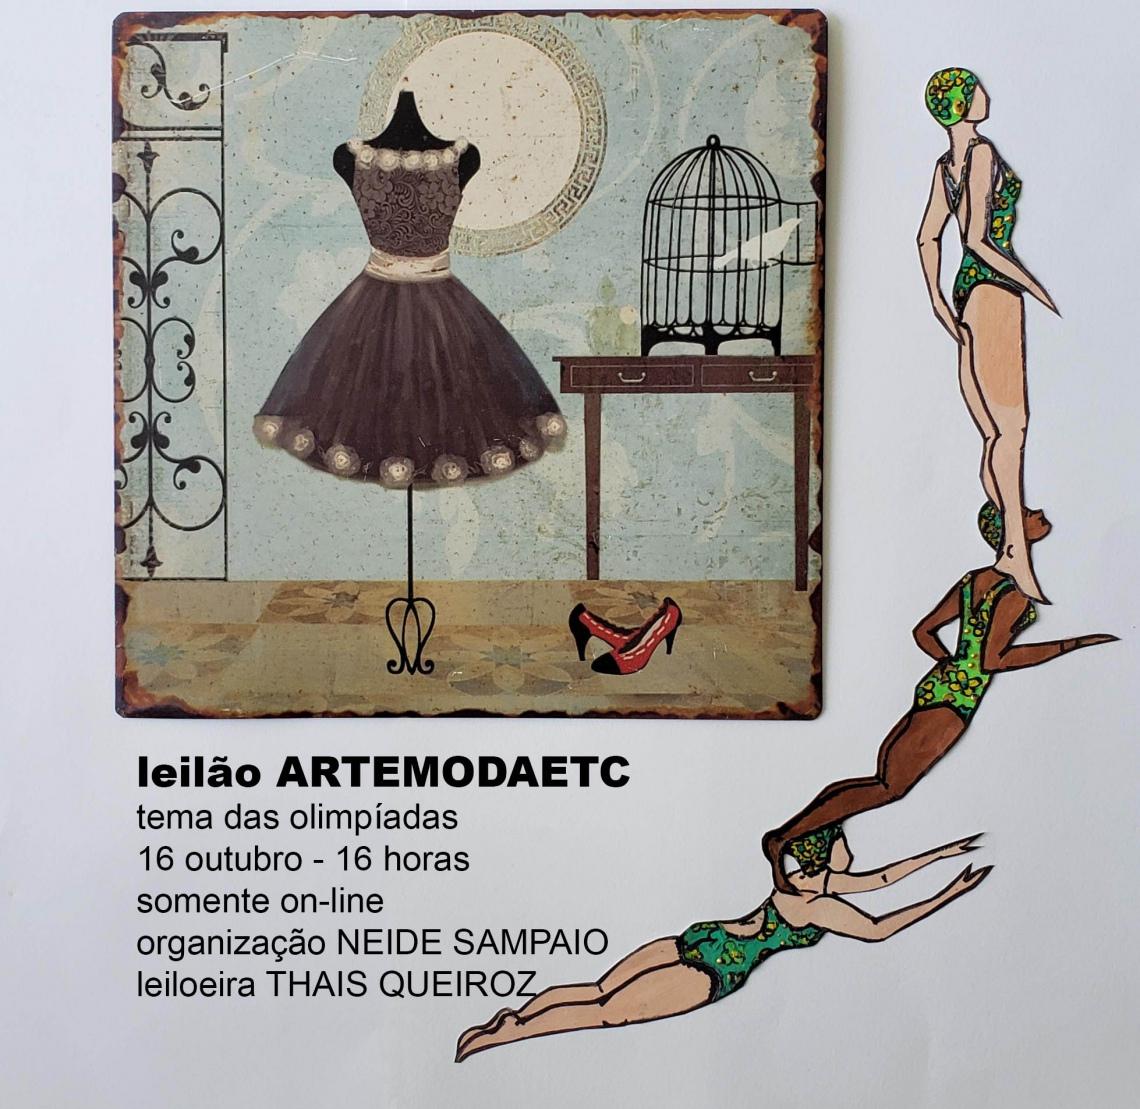 LEILÃO ARTEMODAETC